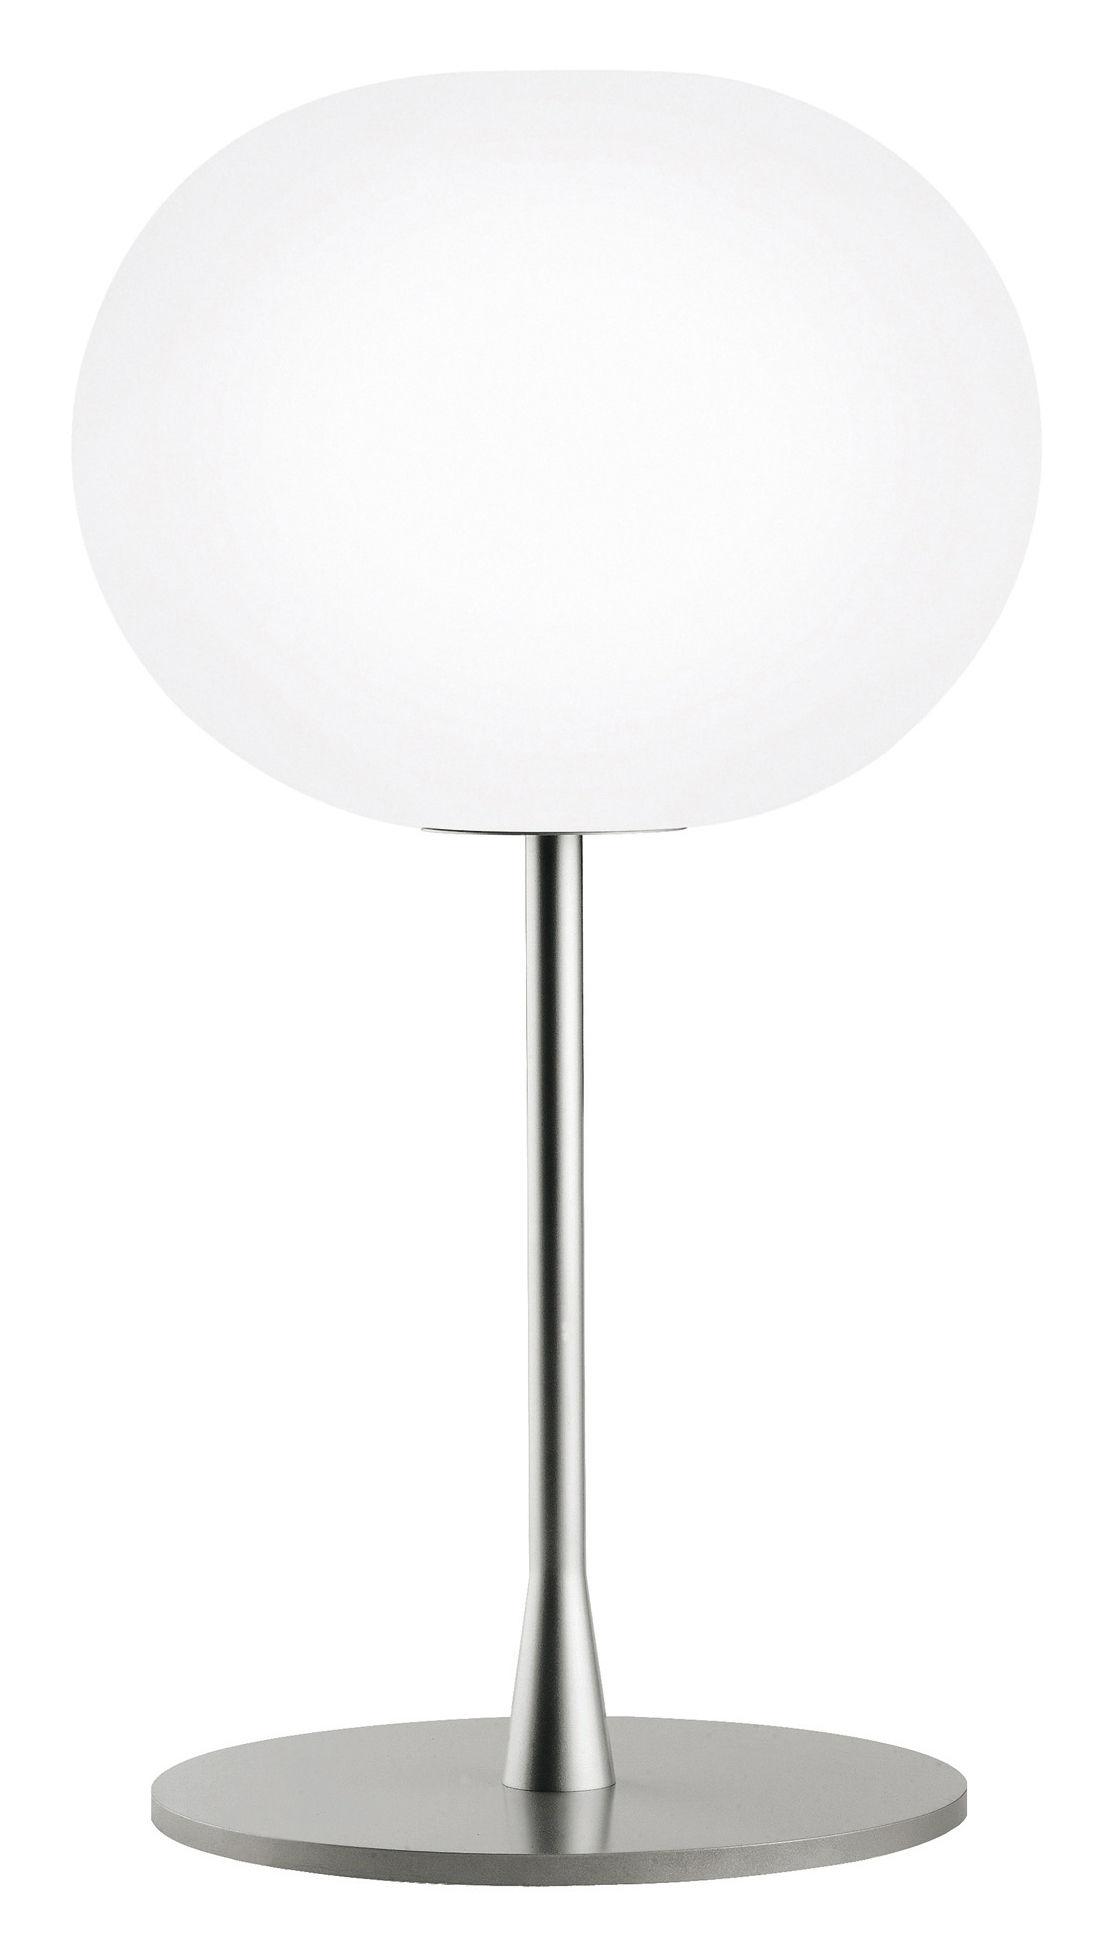 Luminaire - Lampes de table - Lampe de table Glo-Ball T1 / H 60 cm - Verre soufflé bouche - Flos - Gris métallisé - Acier, Verre soufflé bouche